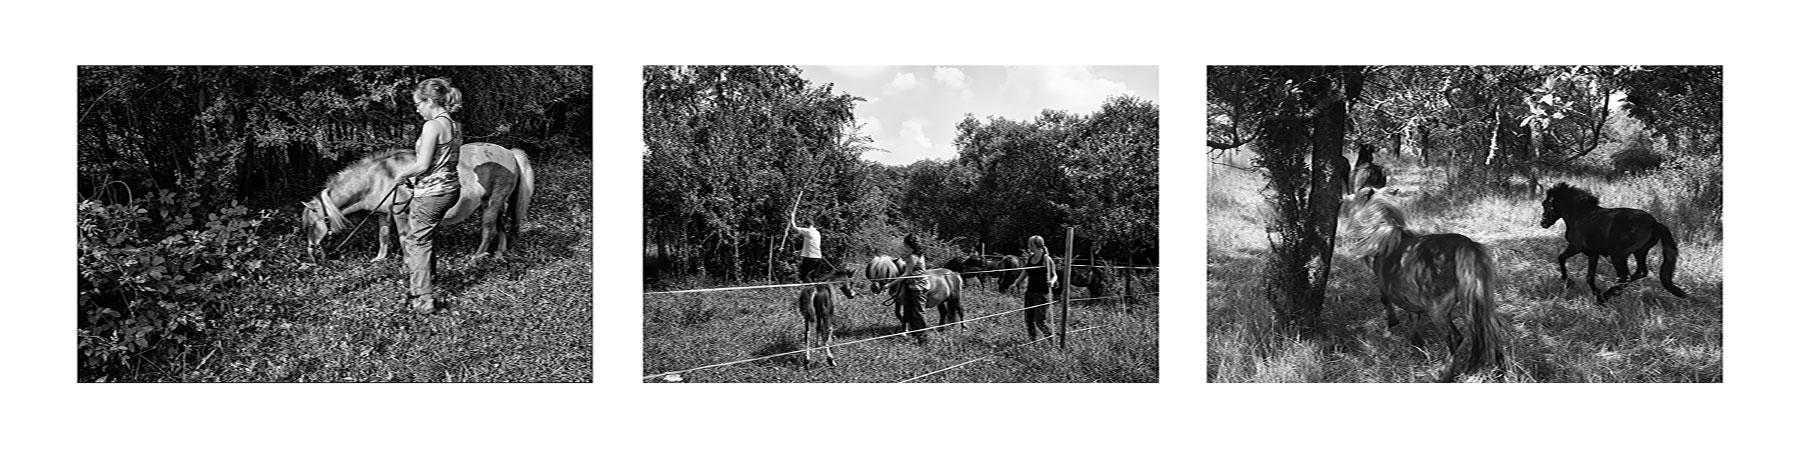 Les poneytes (ÉTHOLOGIE-CNRS STRASBOURG)